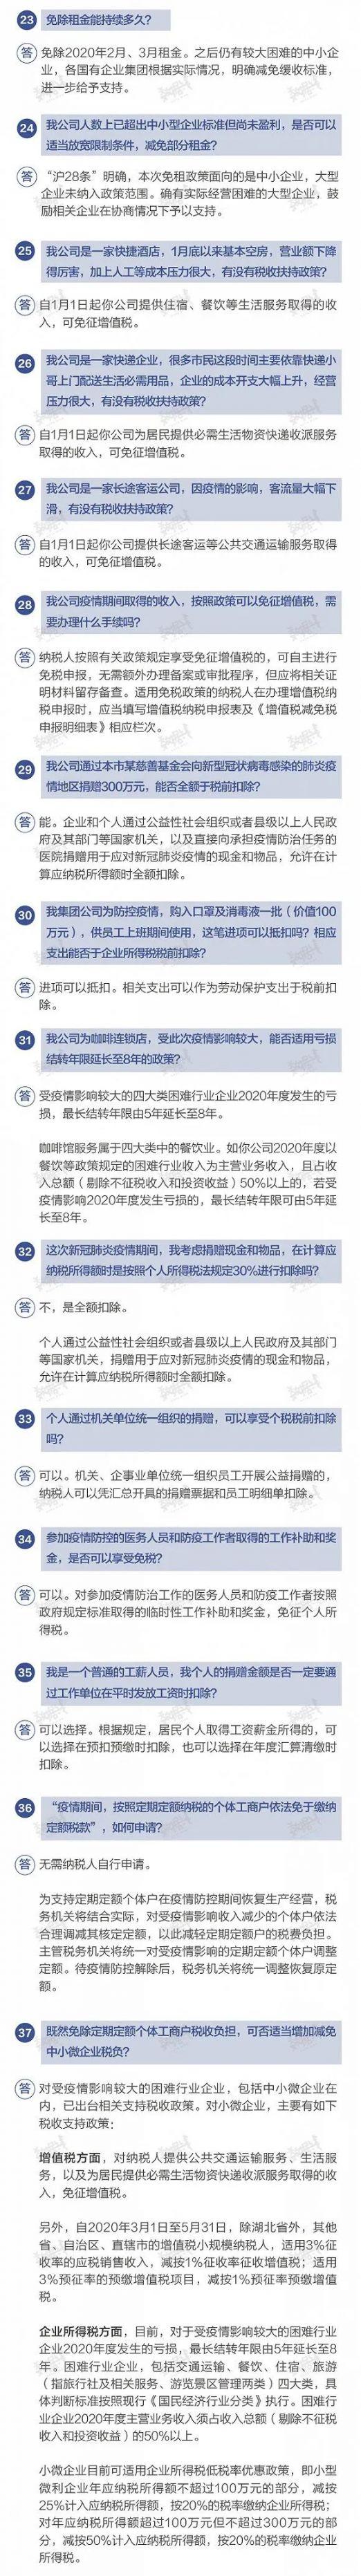 上海抗(kang)疫惠企28條政(zheng)策(ce)百問(wen)百答